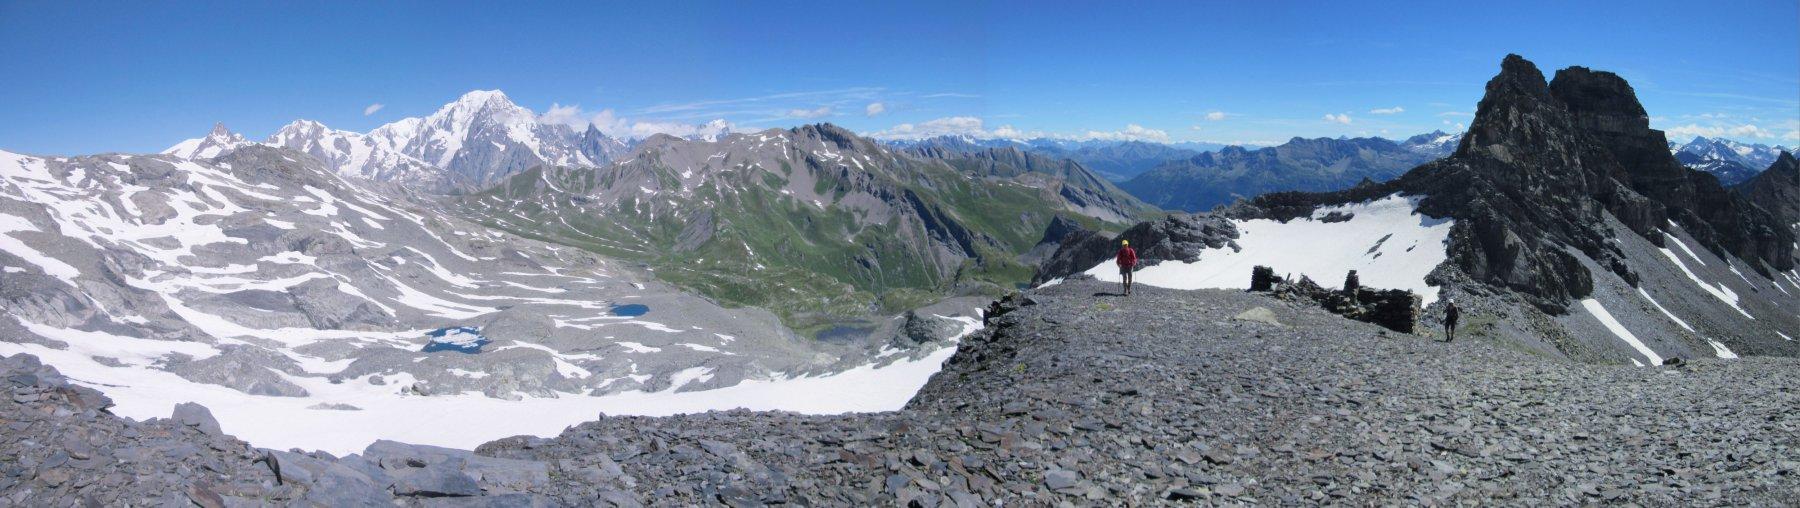 Il tratto di cresta con ampi panorami